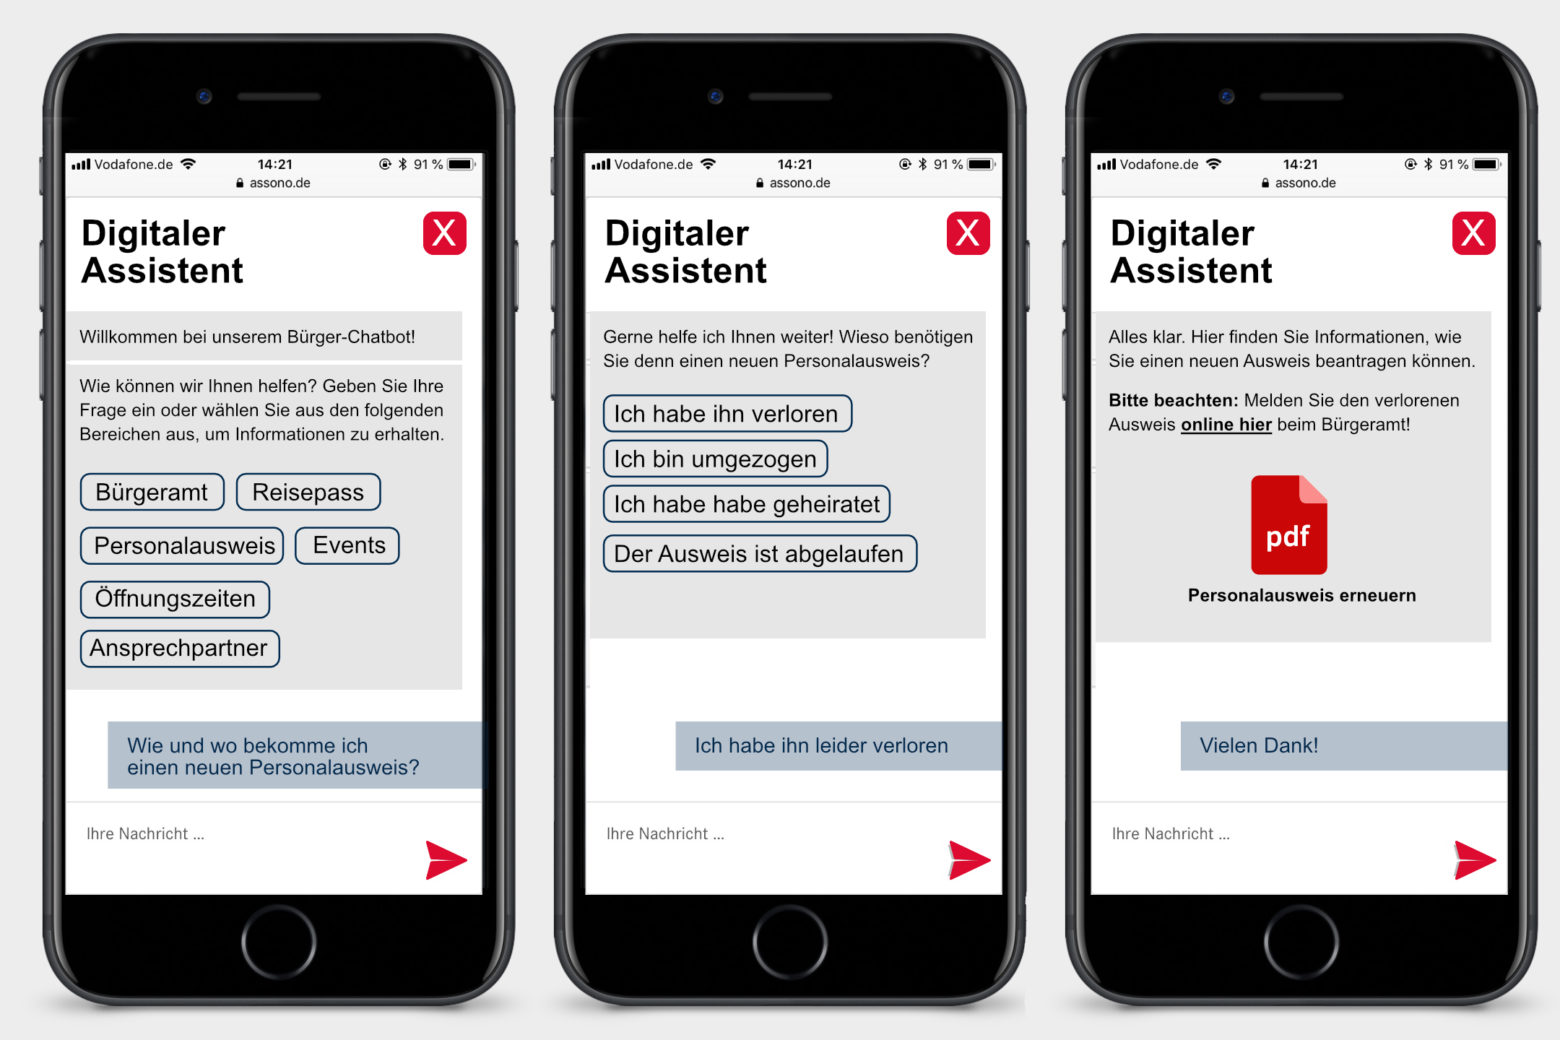 assono Chatbot für öffentliche Einrichtungen: Schnell und einfach Informationen via Chatbot von einer öffentlichen Einrichtung erhalten